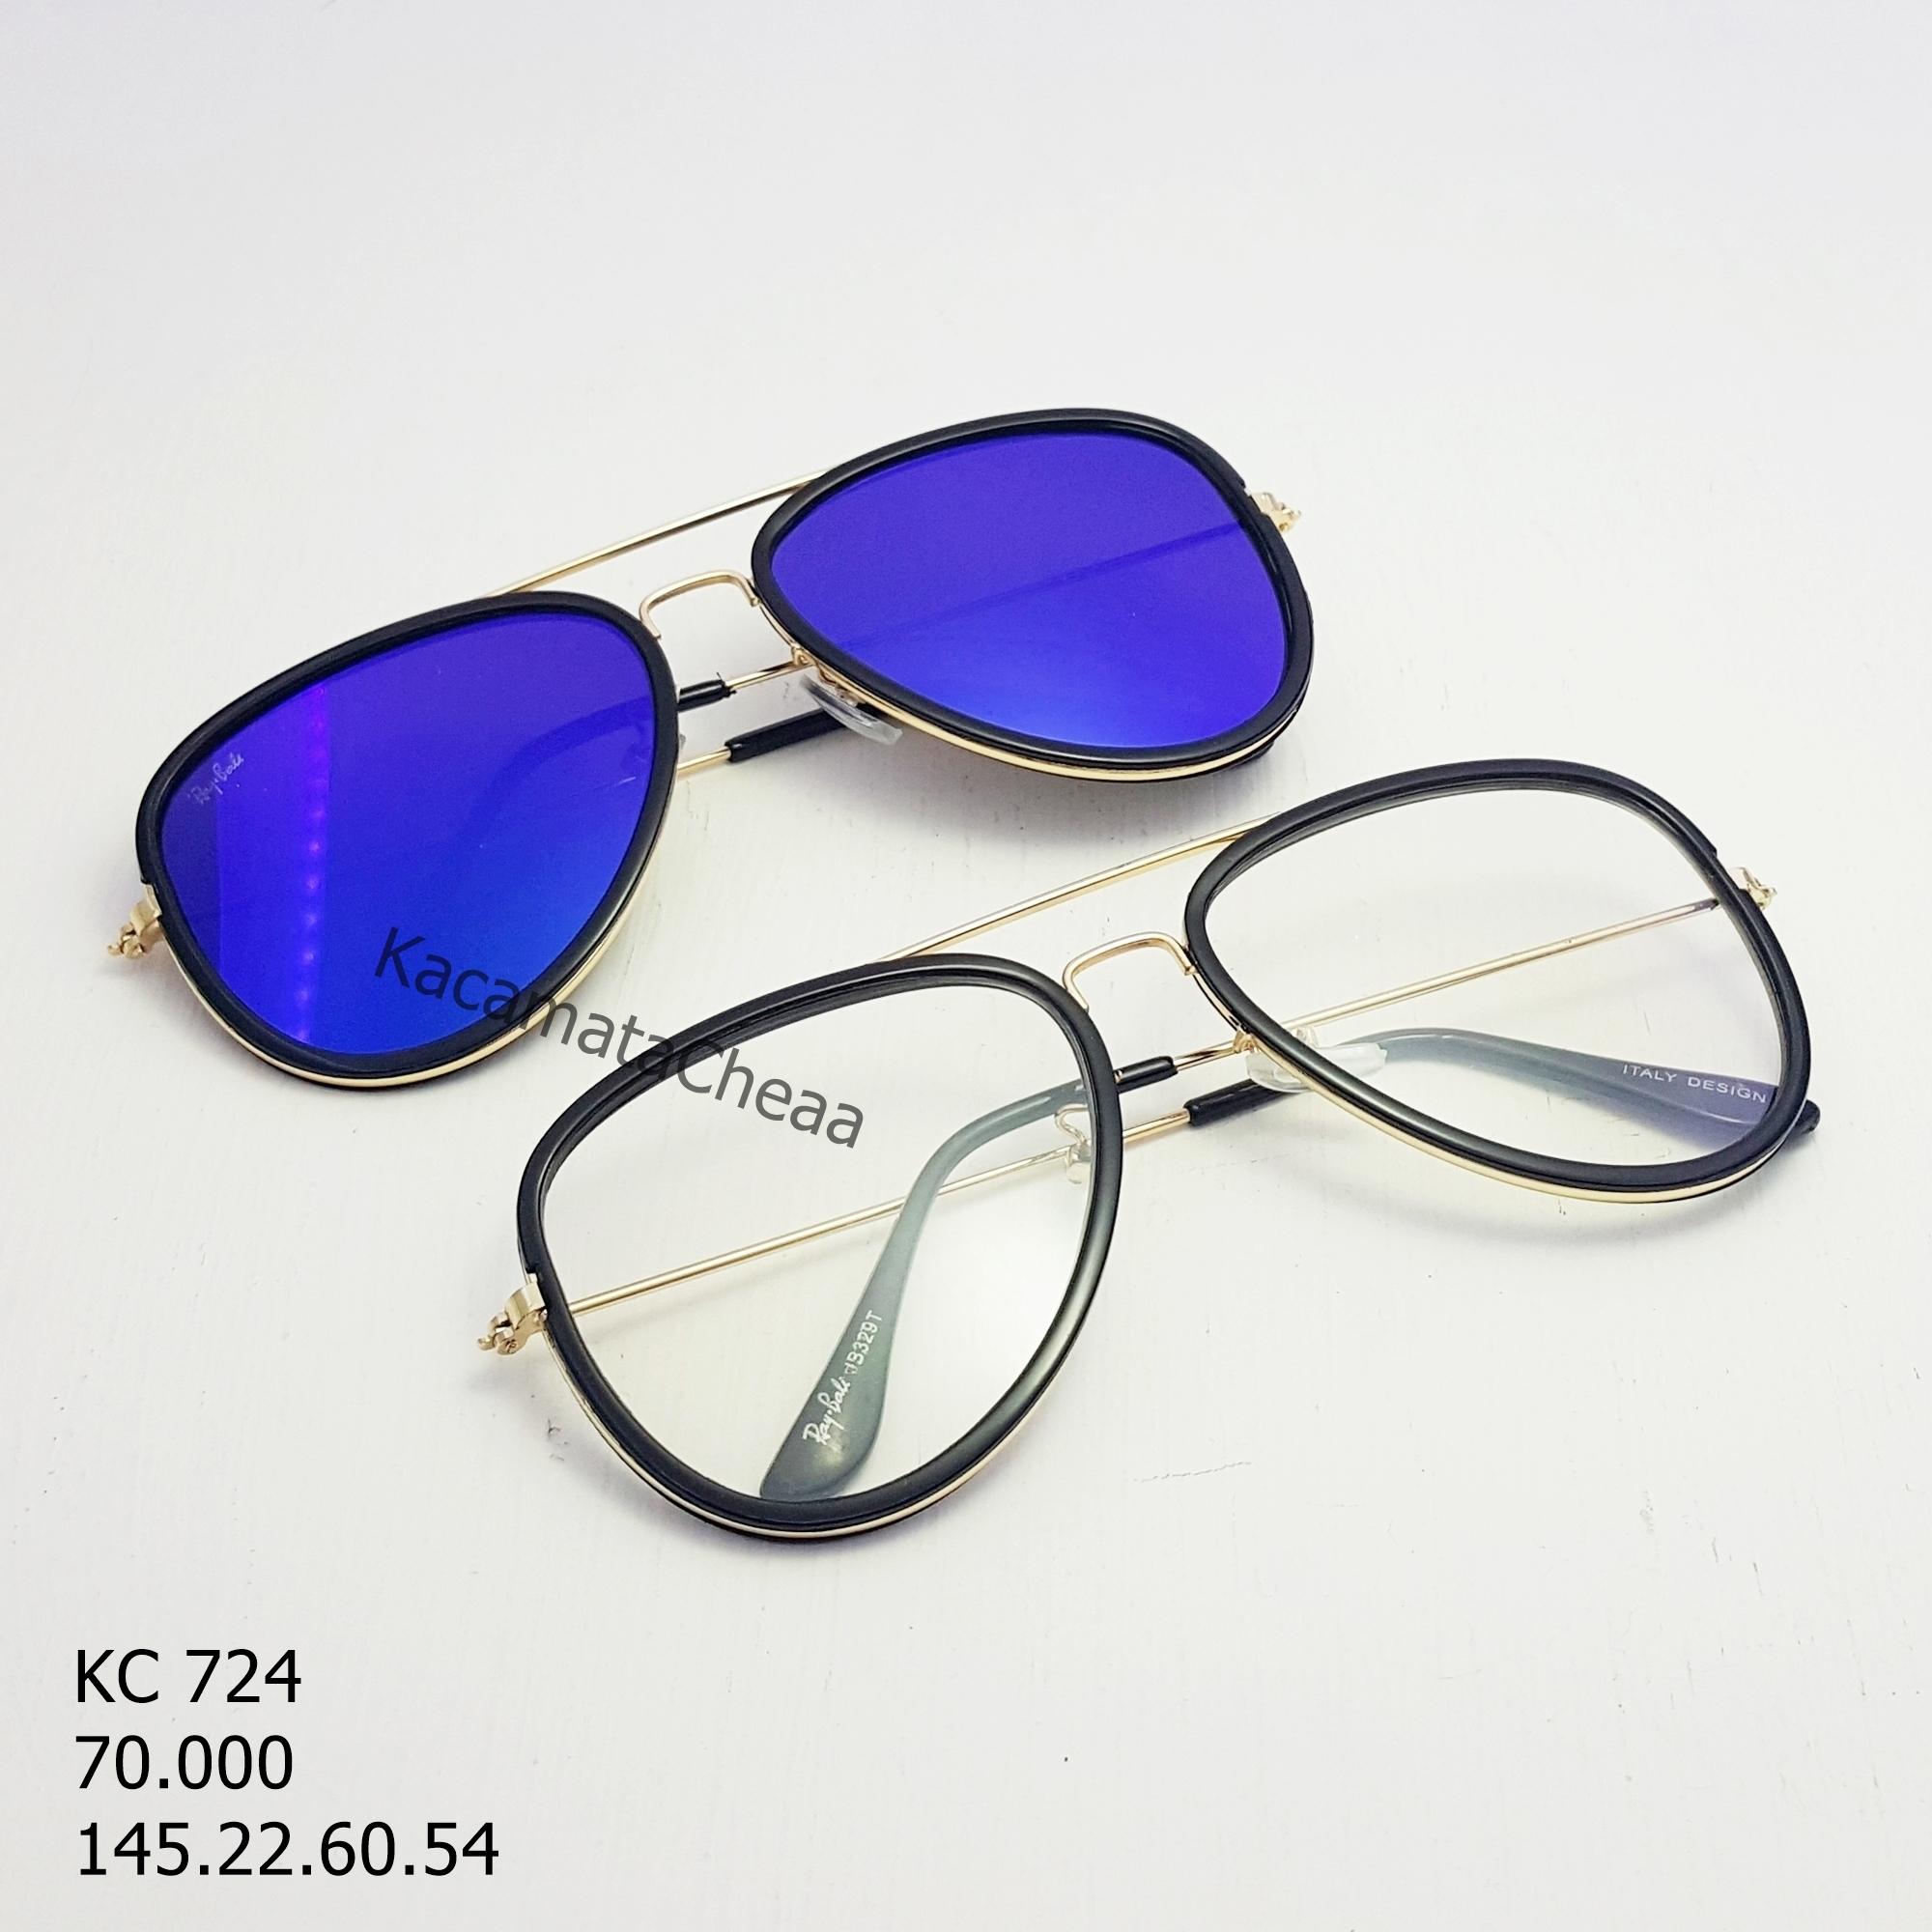 Jual kacamata aviator kaca mata pria cowok sunglass frame kacamata ... 6bc4b119d4